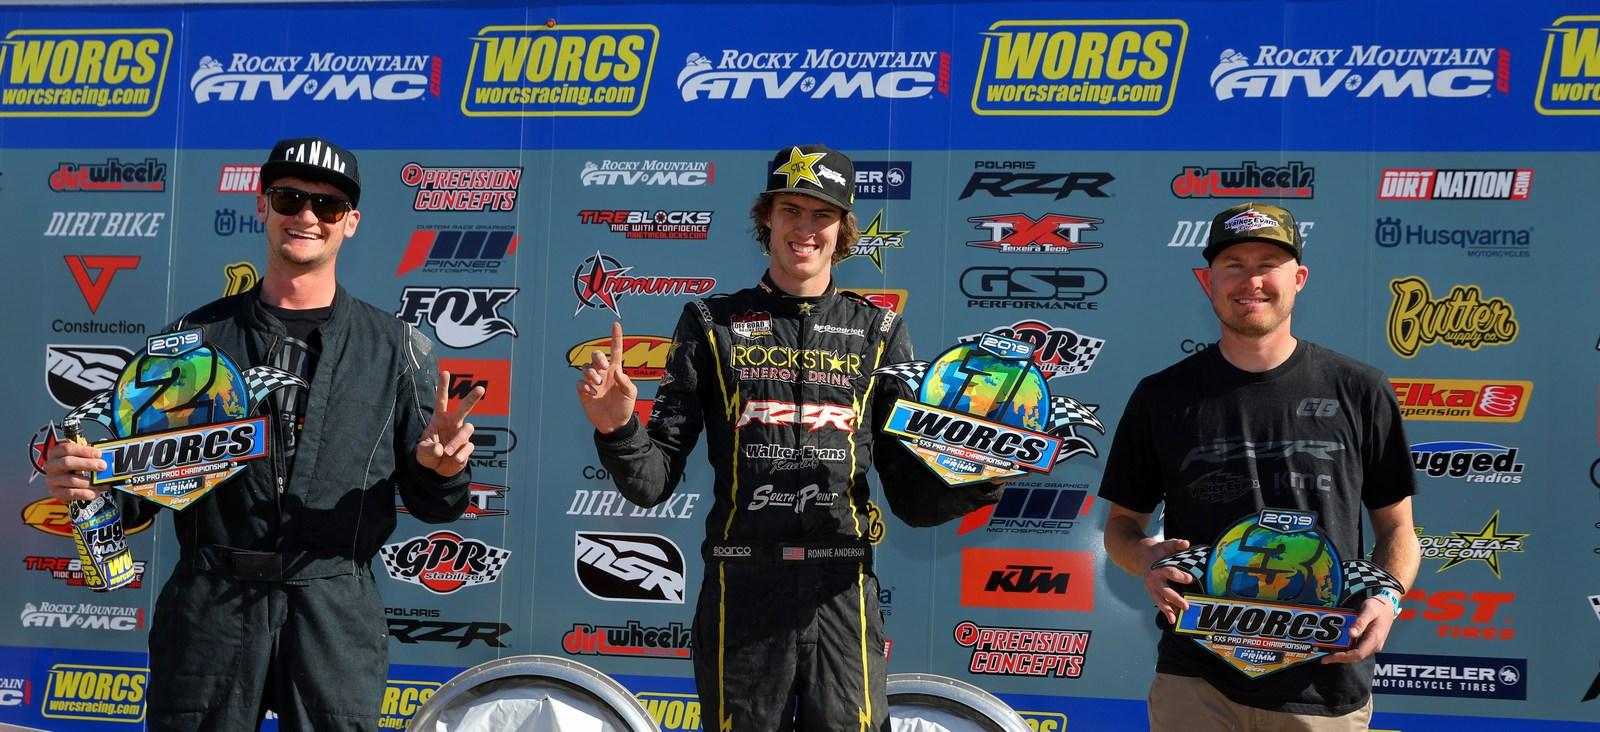 2019-01-podium-pro-sxs-worcs-racing